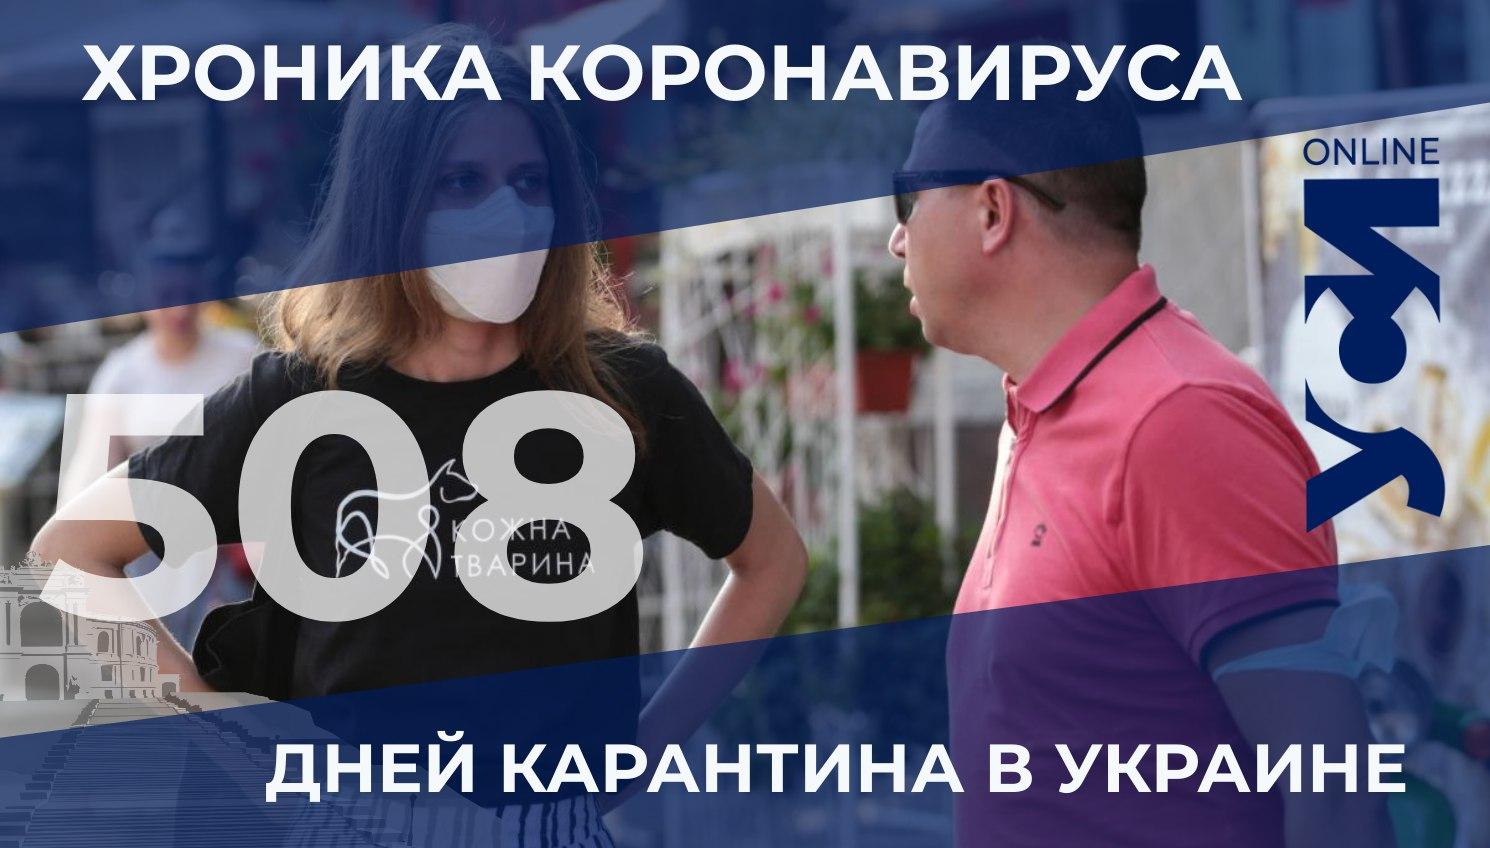 COVID-19: Одесская область на втором месте по заболеваемости «фото»